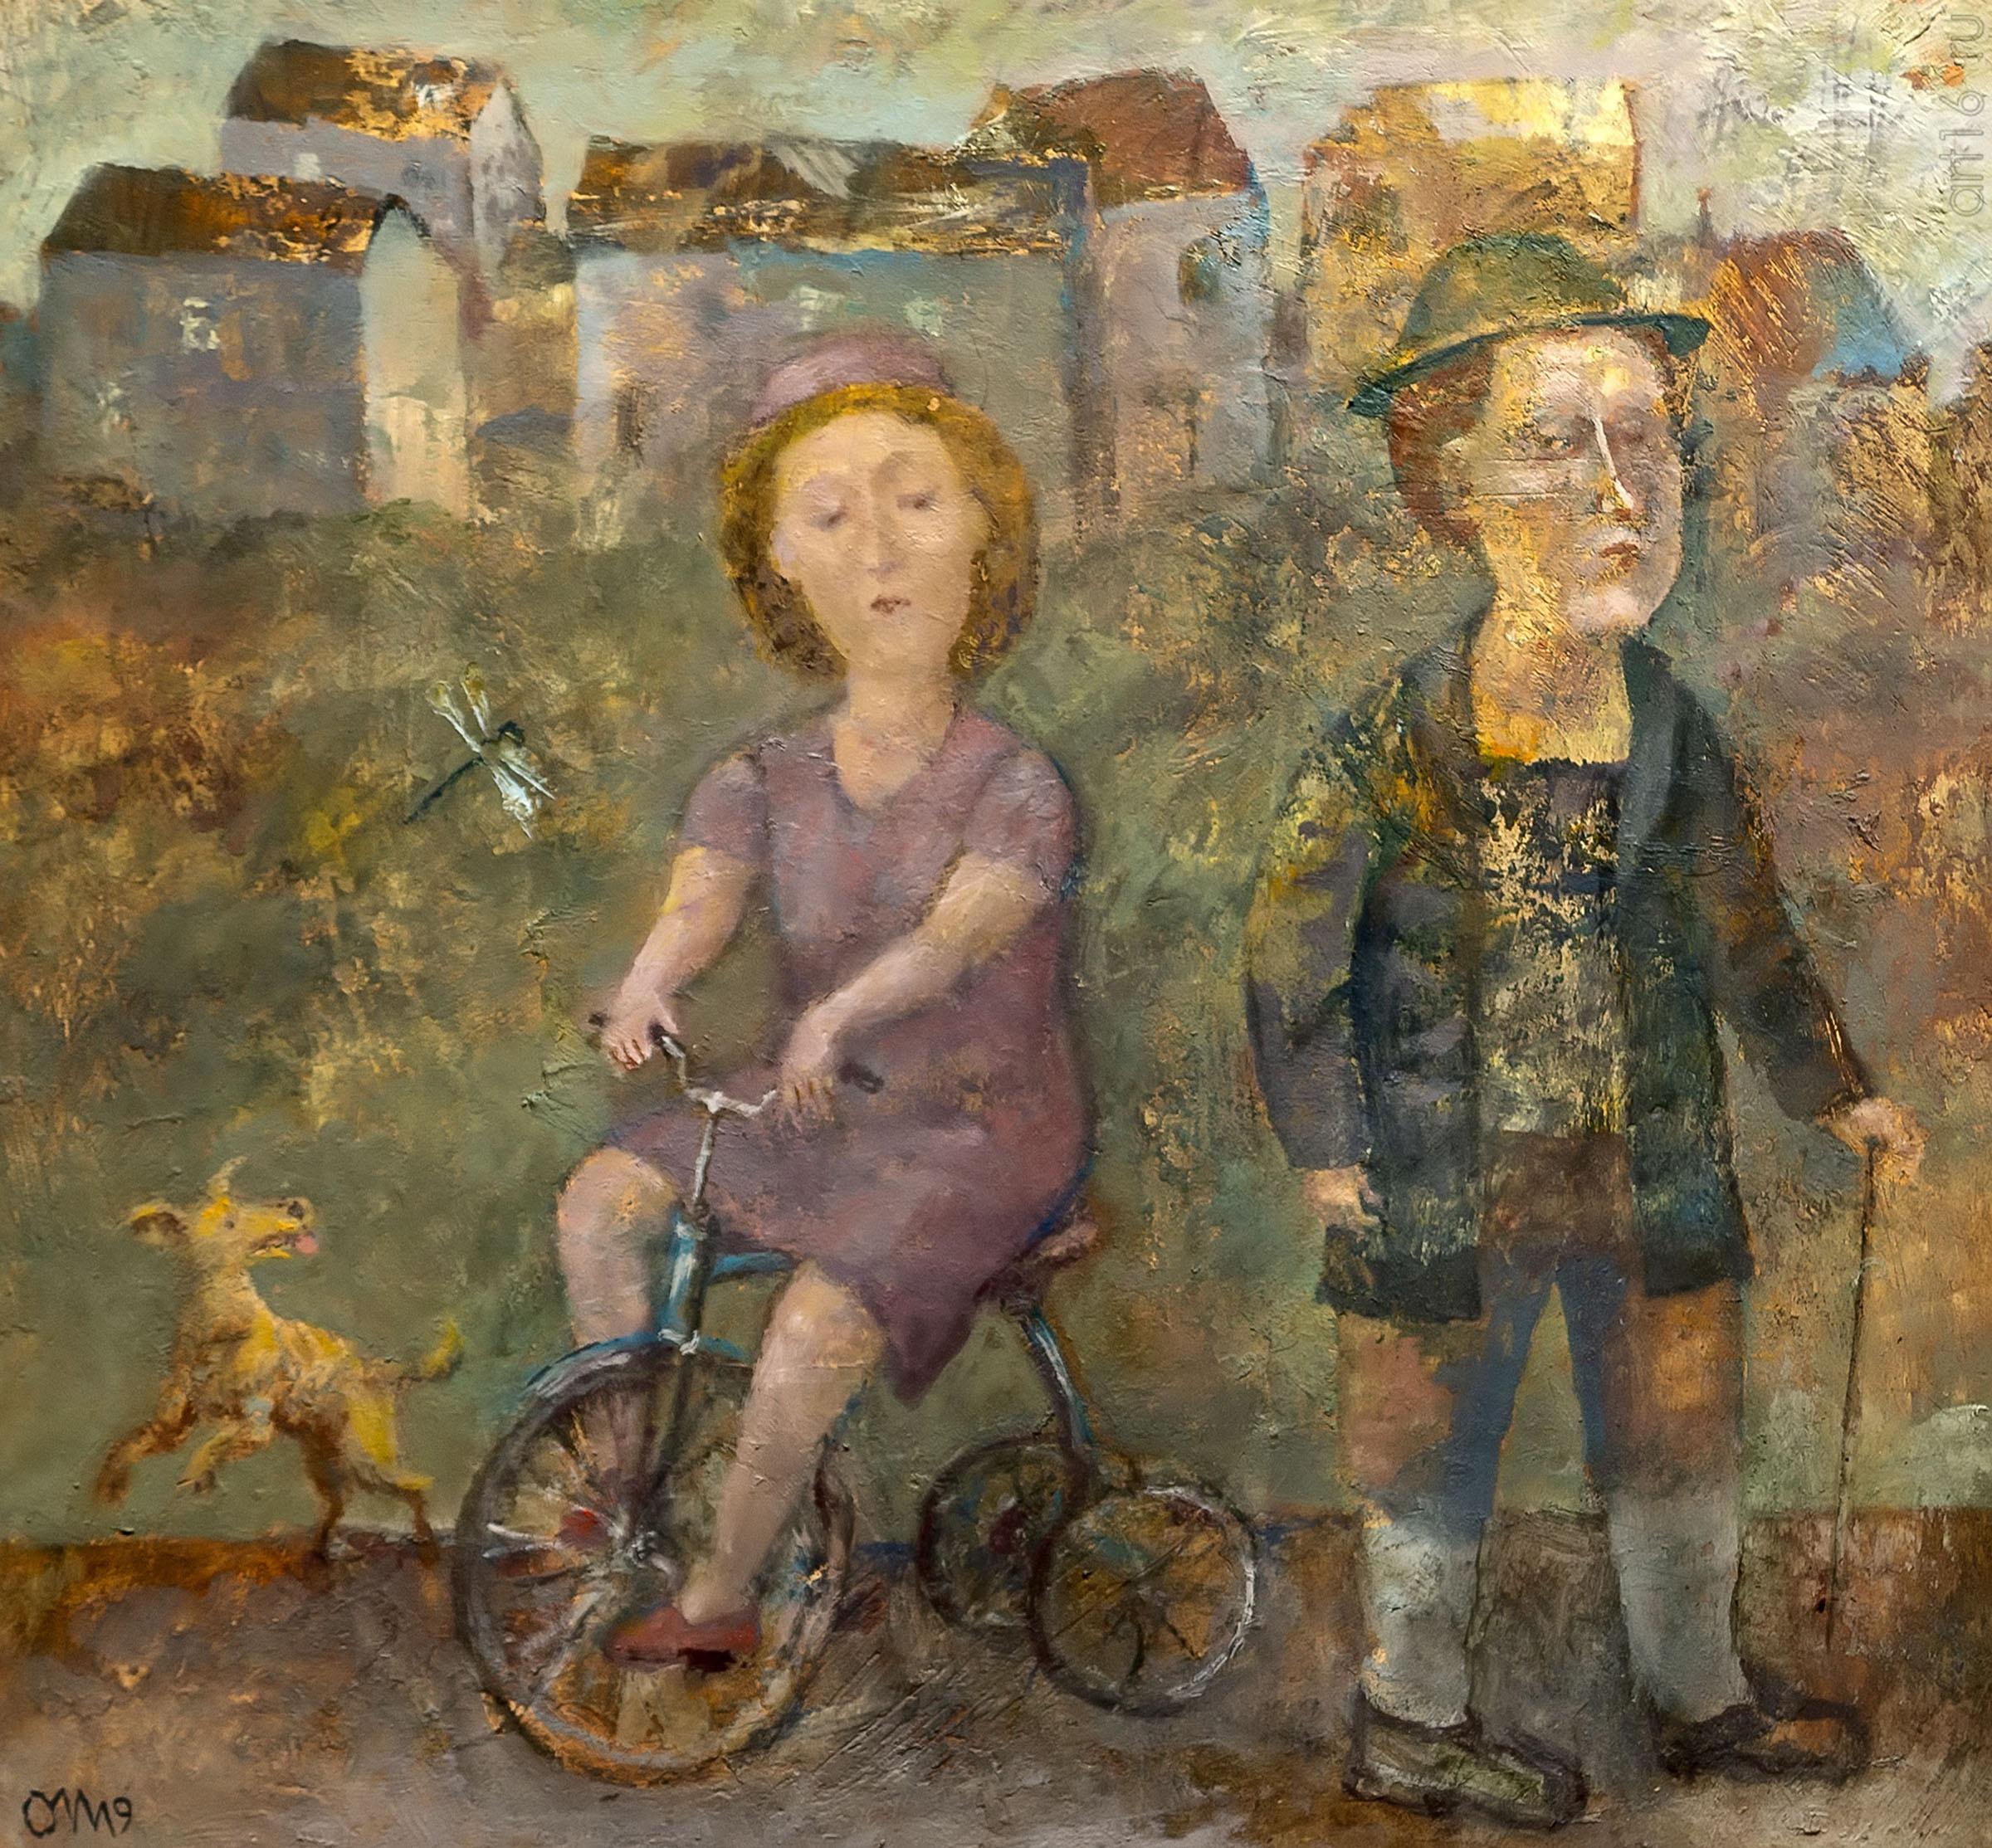 Прогулка. Олег Иванов:: Олег Иванов (1961-2020). Выставка